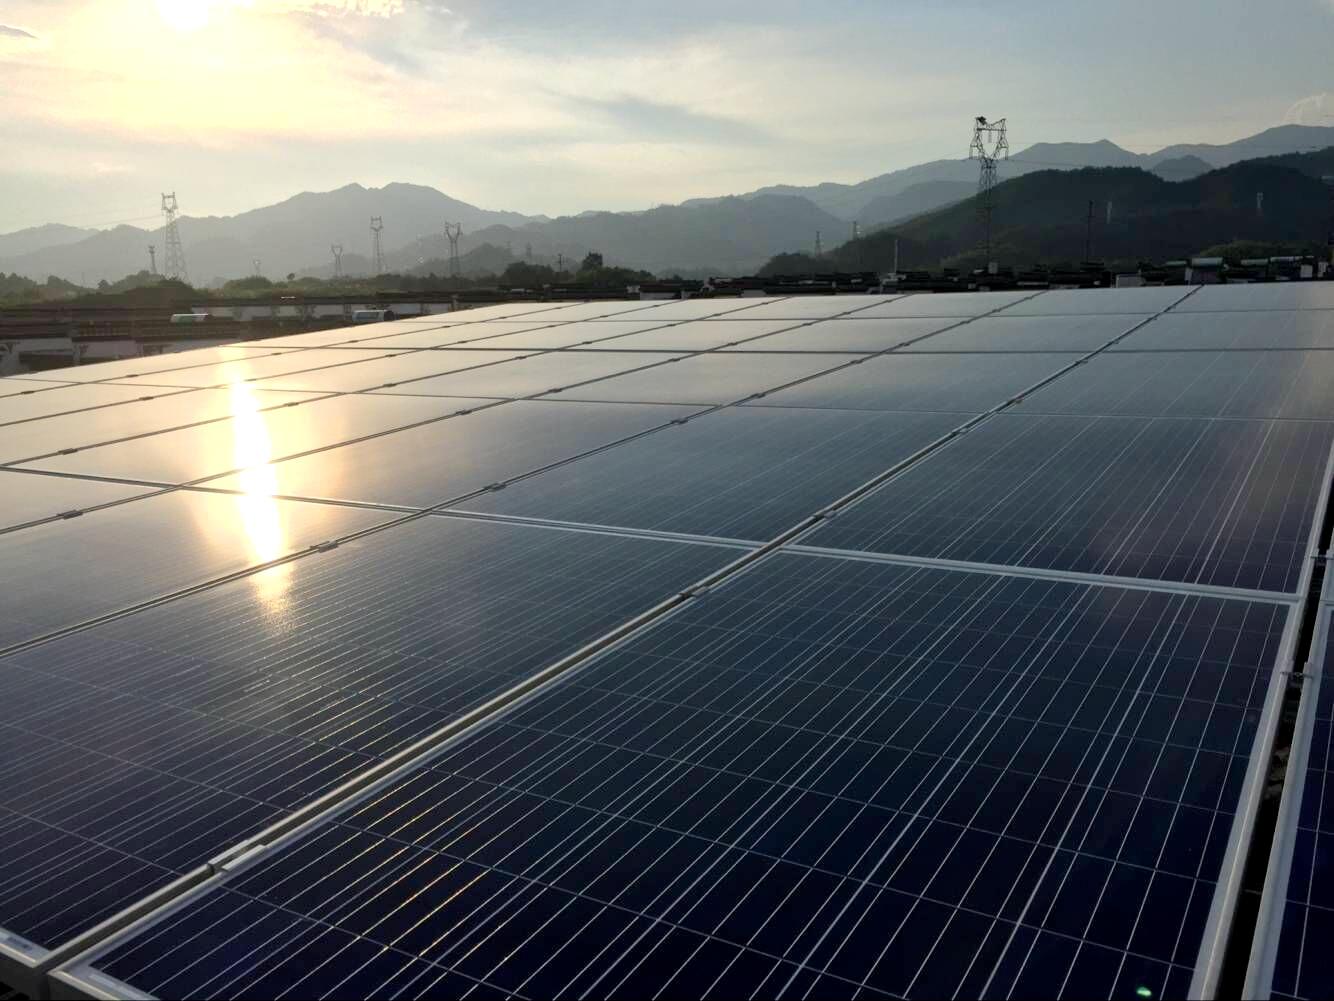 安徽省宣城市绩溪县花阳镇10千瓦光伏电站项目